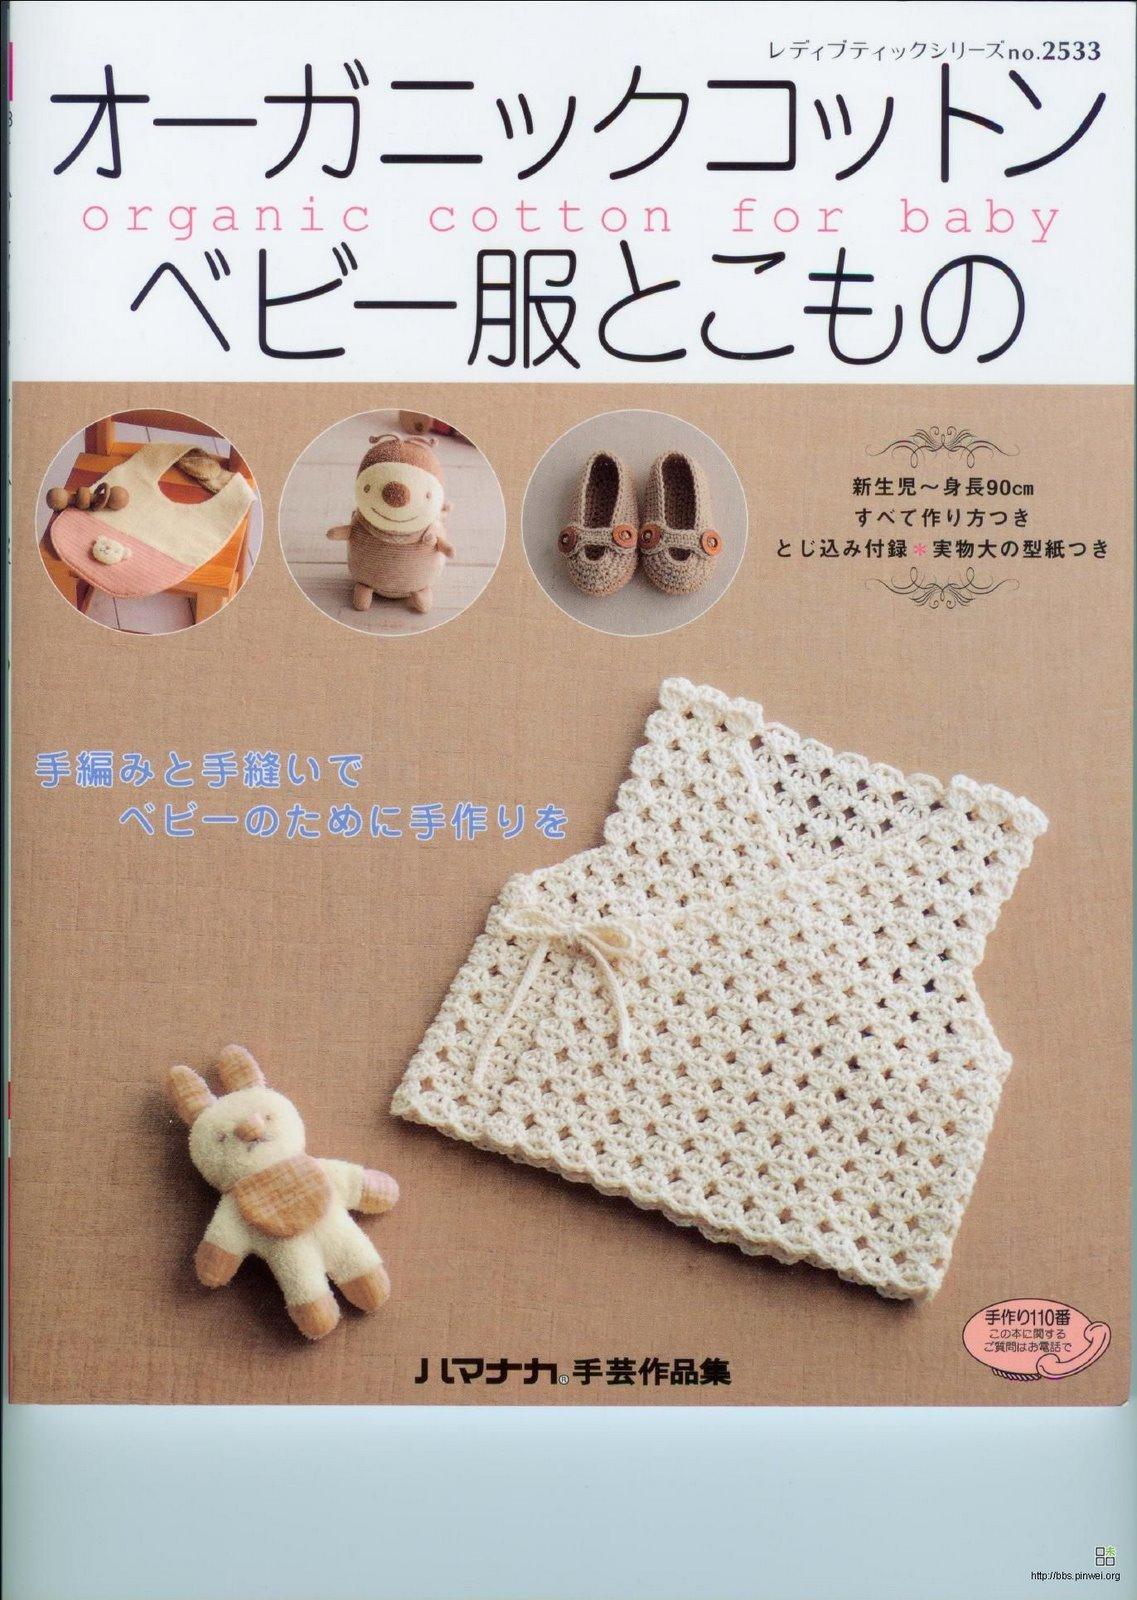 オーガニックコットンベビー服とこもの―新生児から身長90cm・すべて作り方つき